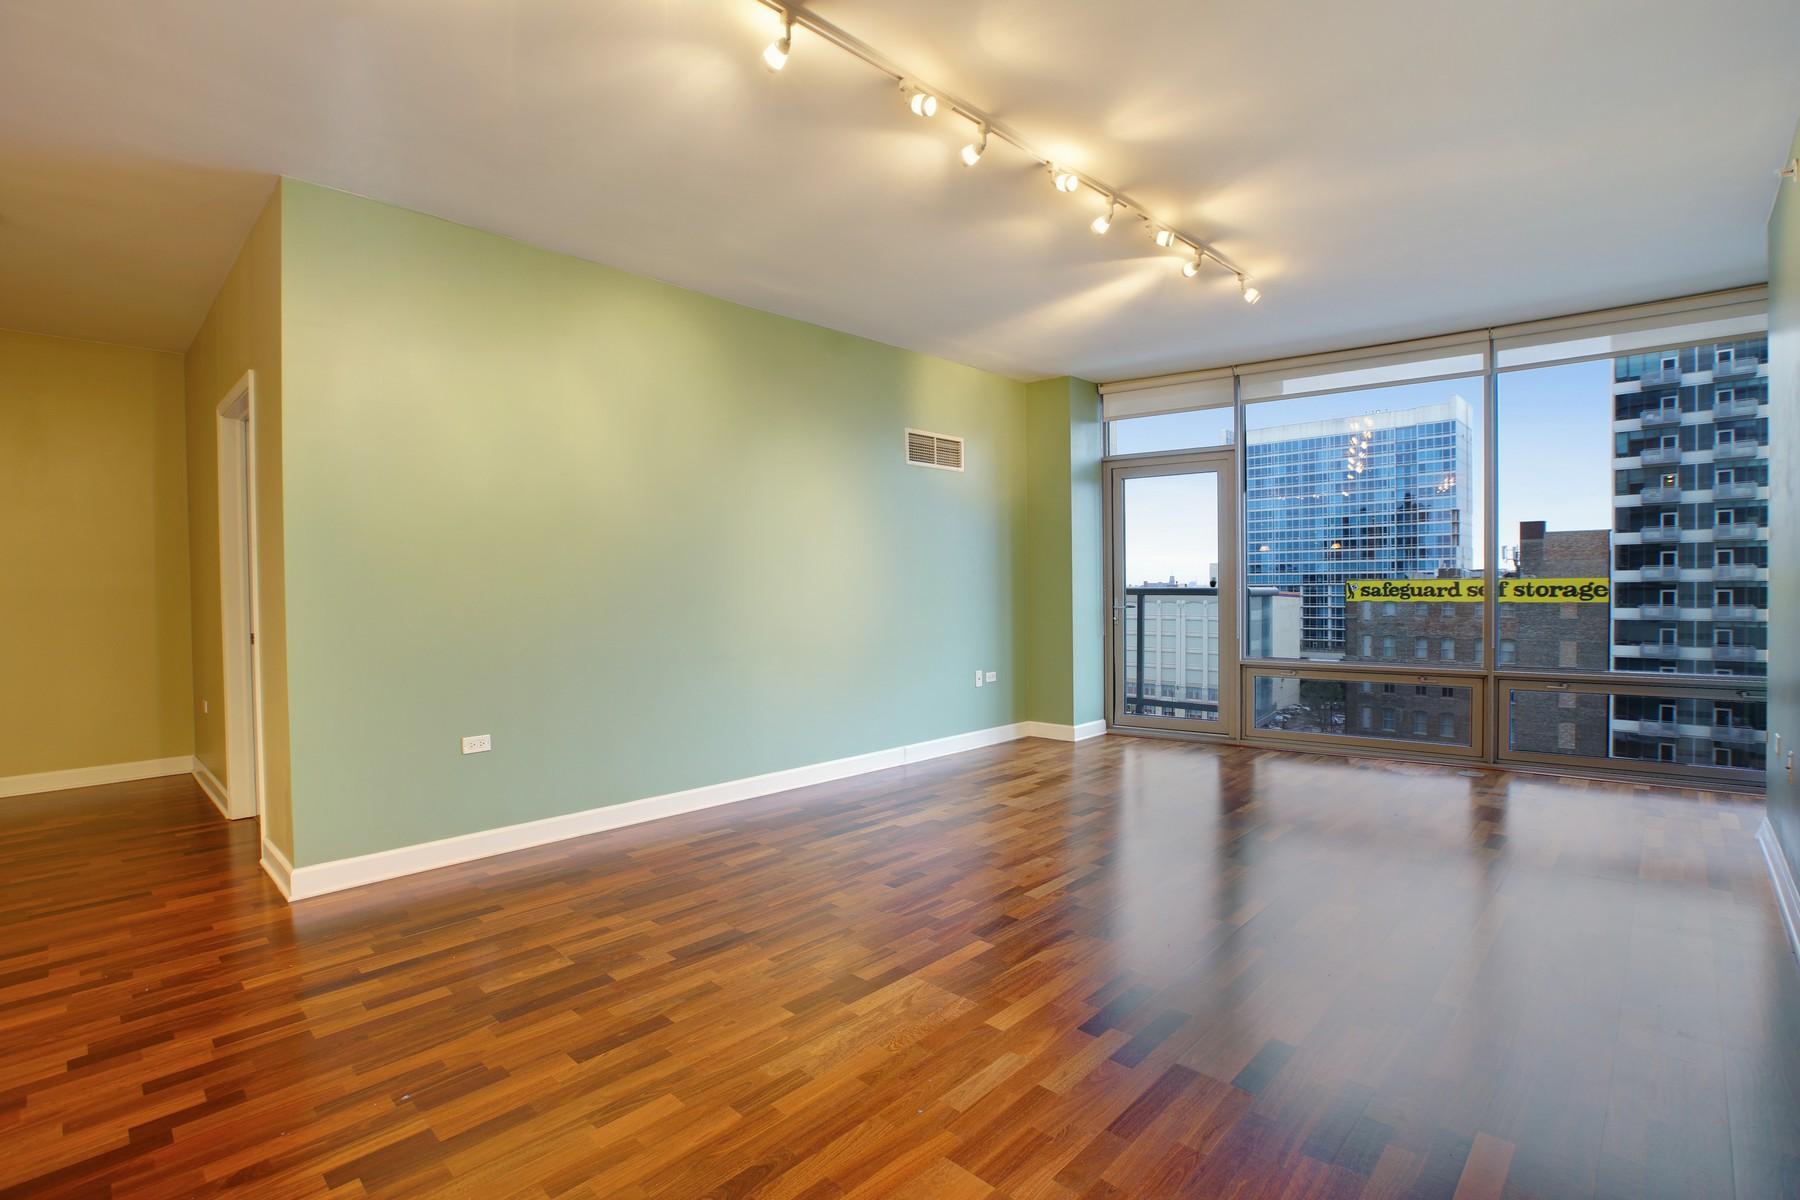 共管式独立产权公寓 为 销售 在 Beautiful Two Bedroom Plus Den 100 E 14h Street Unit 907 Near South Side, 芝加哥, 伊利诺斯州 60605 美国